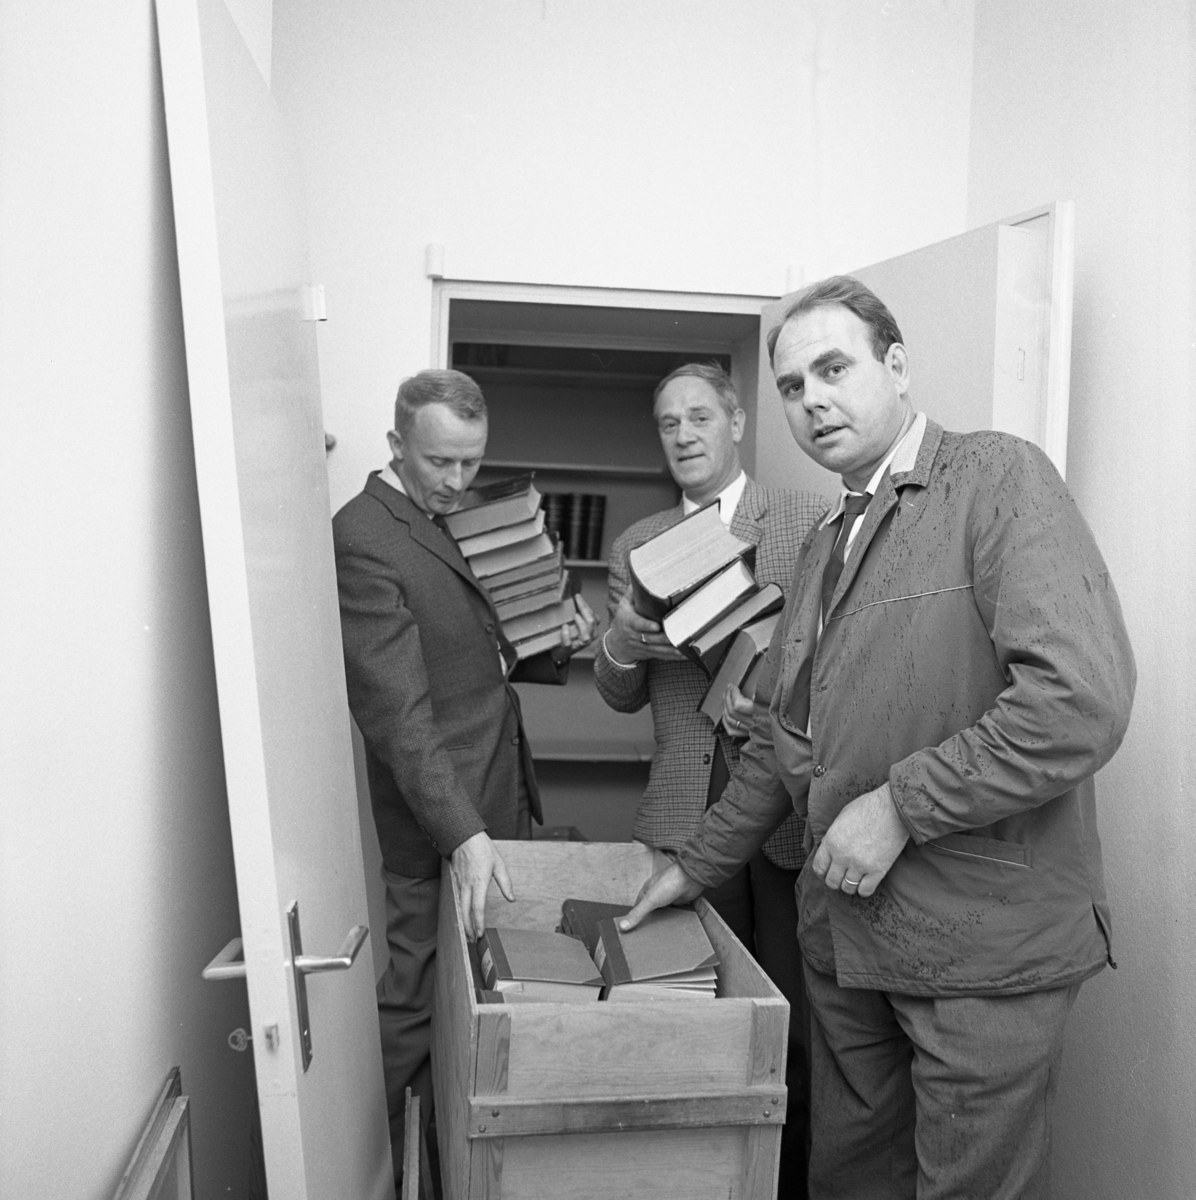 Polisen packar och flyttar från Rådhuset. Från vänster: Stig Söderling, Sigurd Granberg och Harry Hellenberg. Tre män packar tjocka böcker i en flyttlåda.